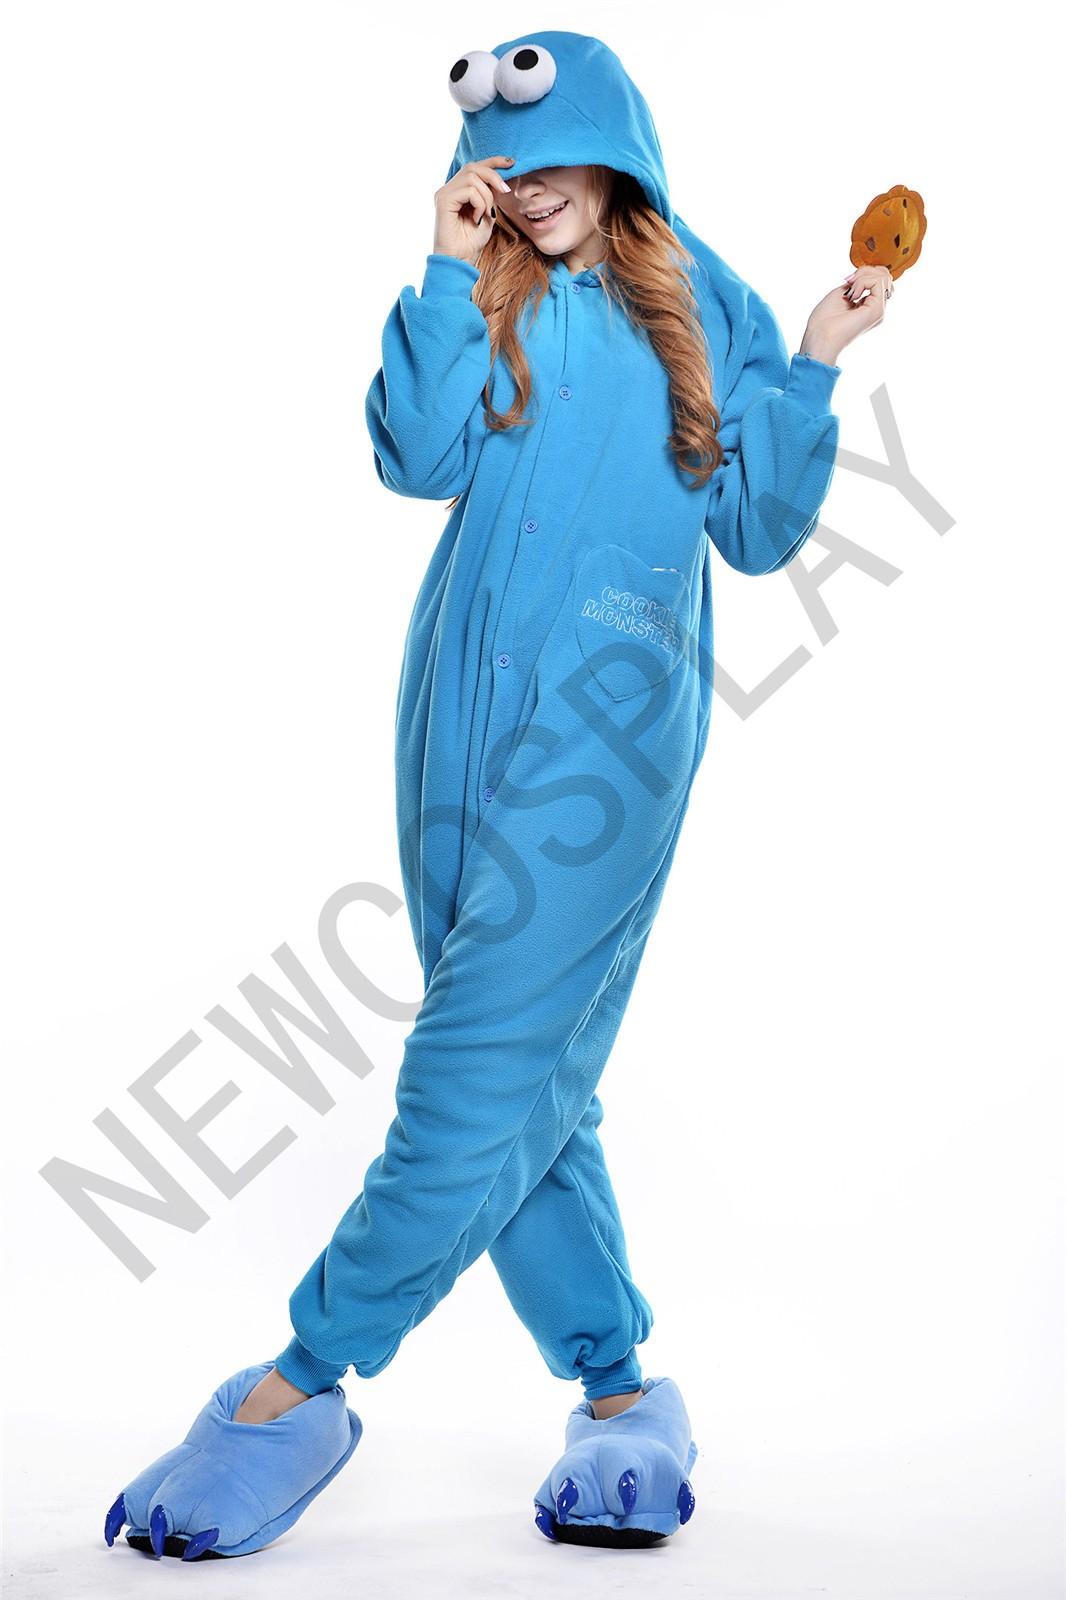 Blue Sesame Street onesie by NEWCOSPLAY ONESIE